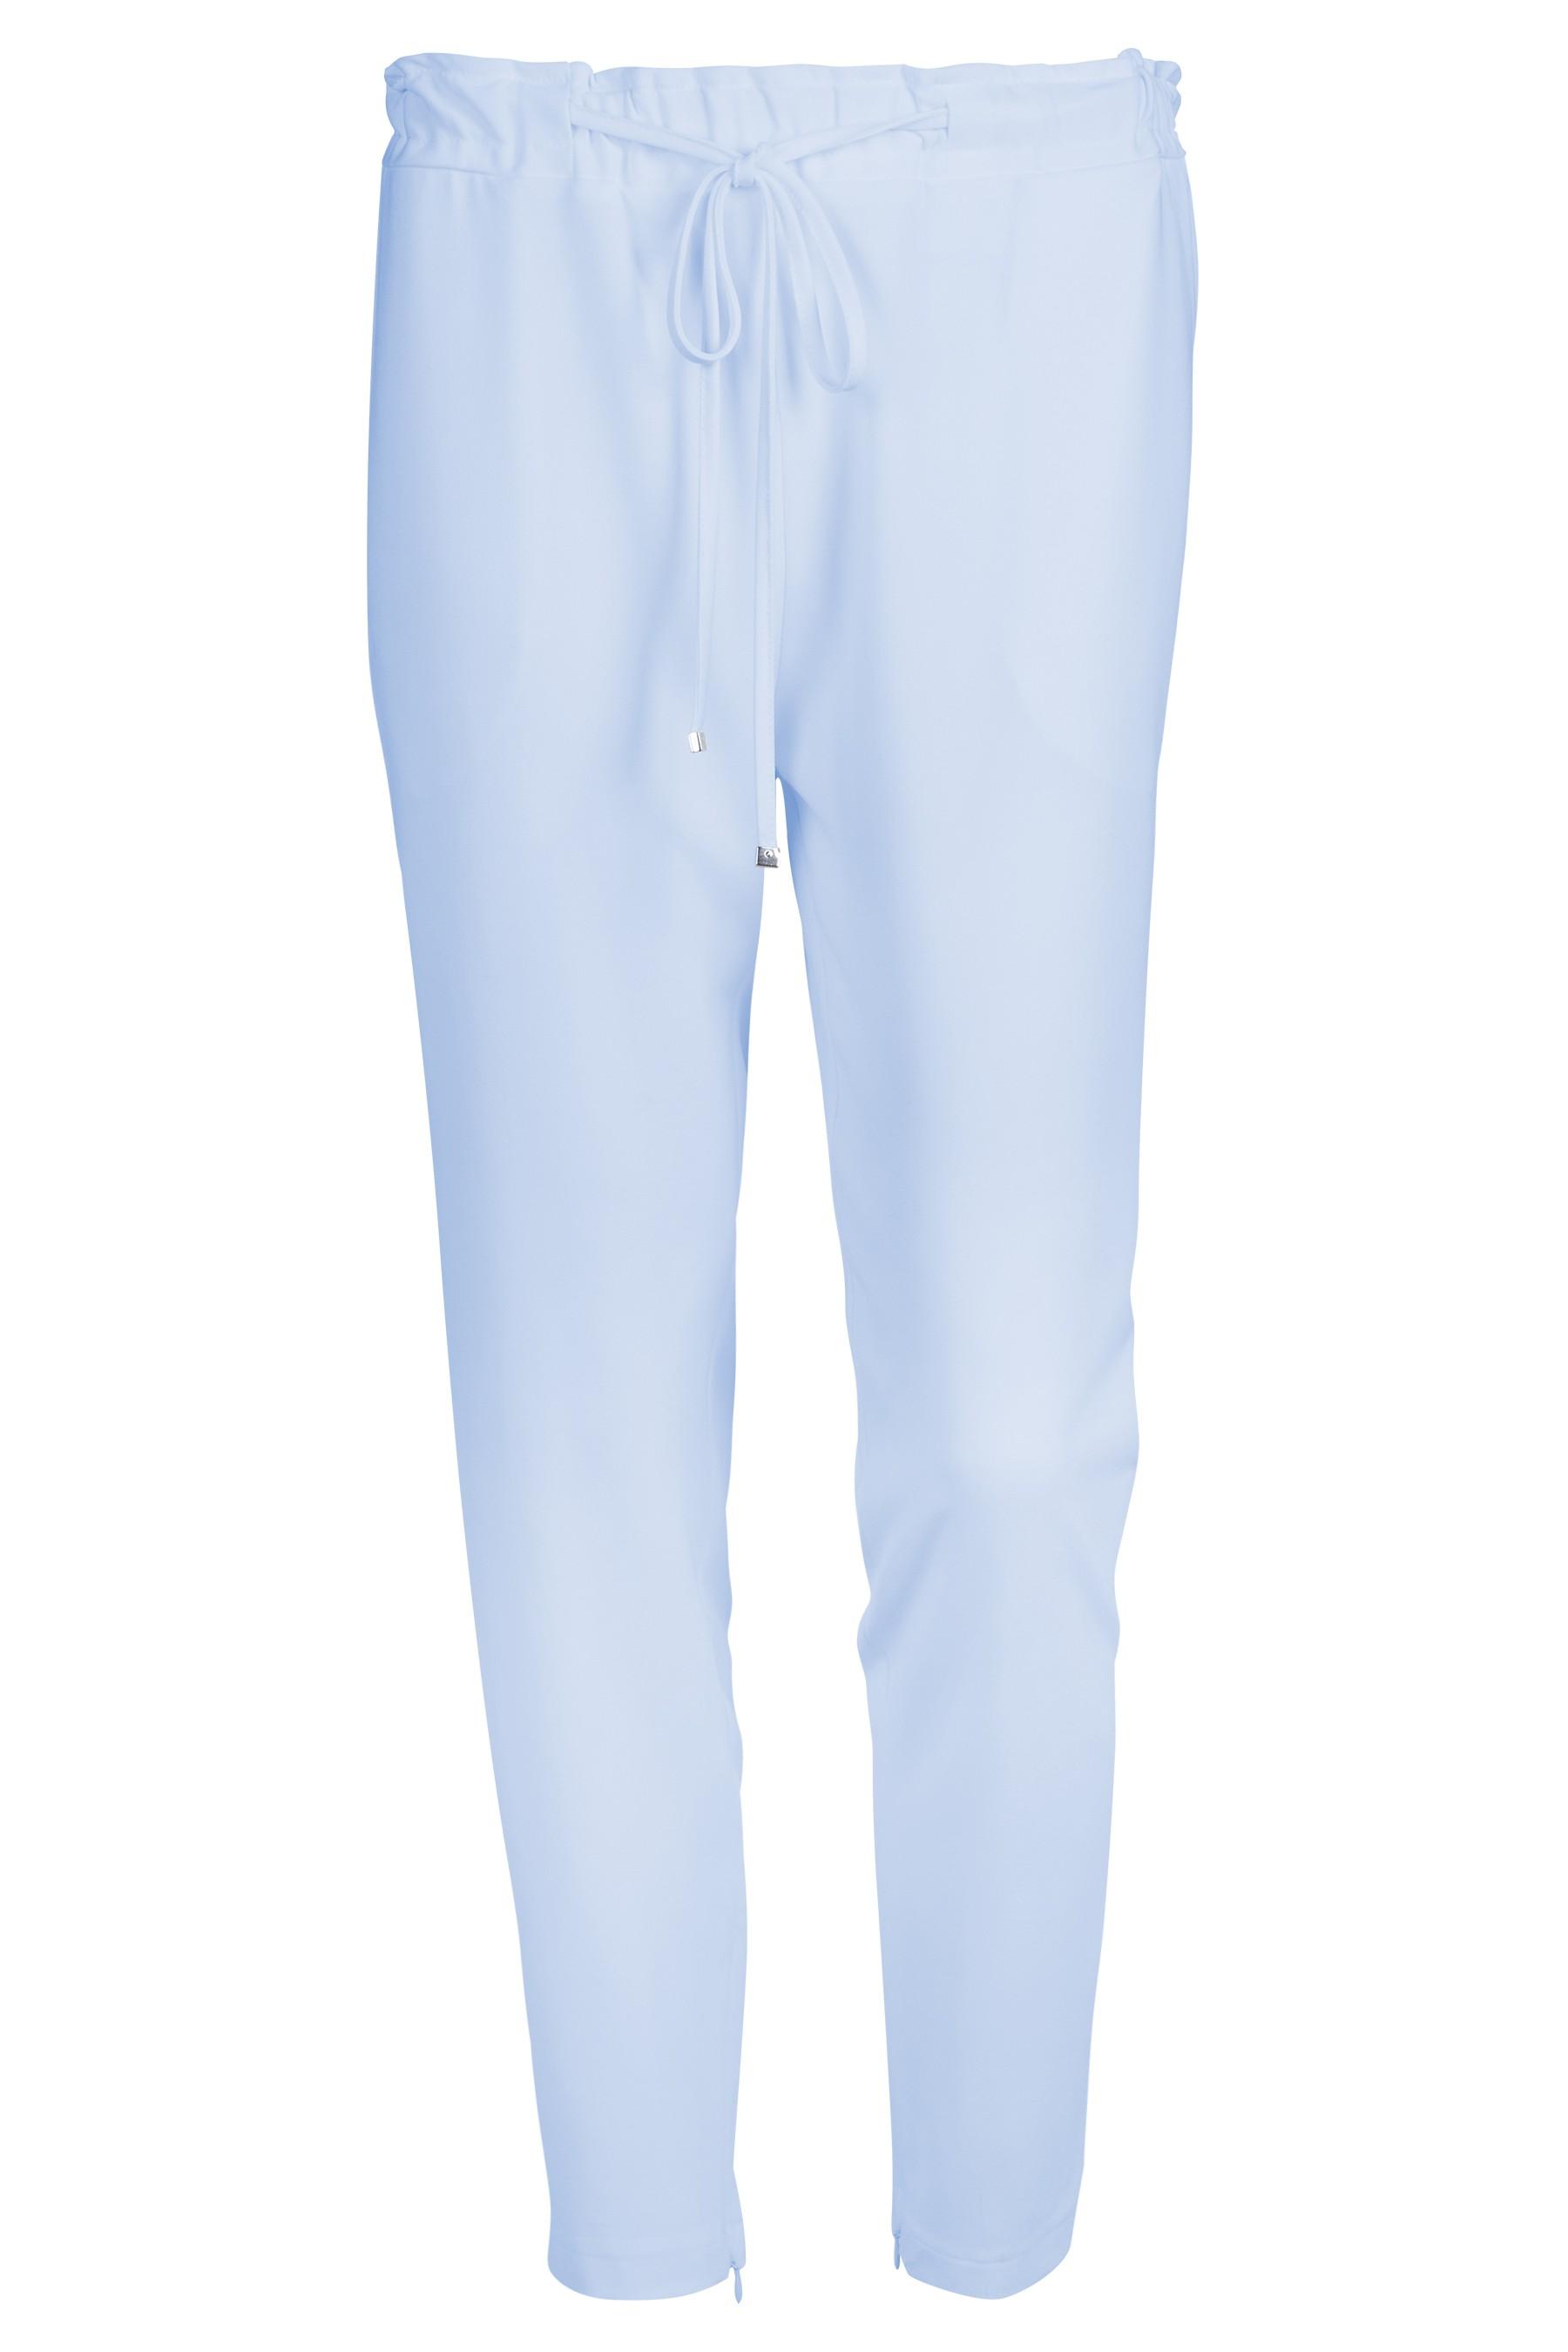 Hose von Imperial fashion  Hose von Imperial Fashion in himmelblau image 2 740